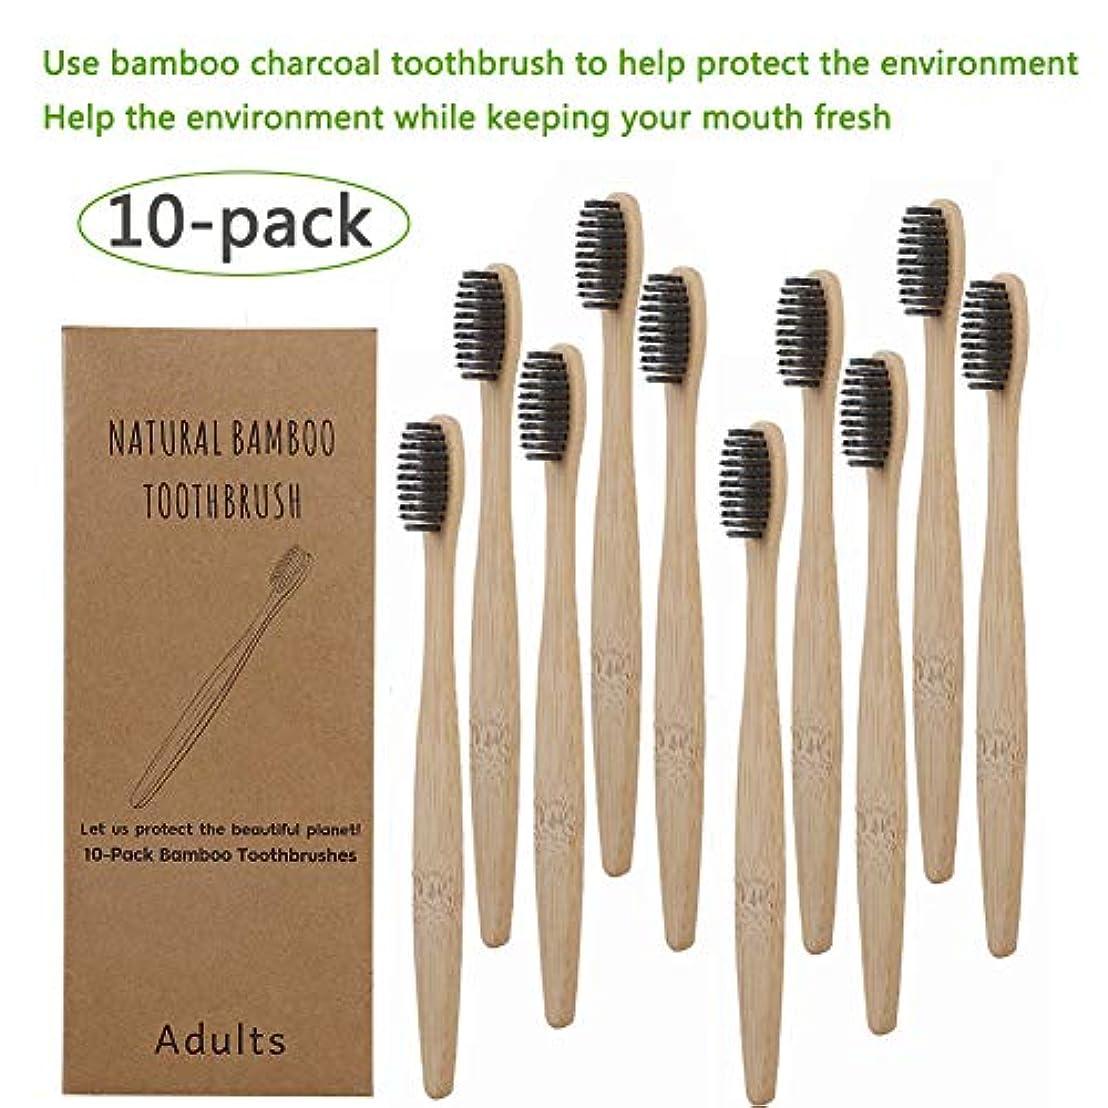 不機嫌そうな僕の膨張するDoo 10pcs 大人用竹の歯ブラシ 天然竹歯ブラシ 環境保護 柔らかい 歯ブラシ 口腔ケア 竹歯ブラシ 携帯用 旅行用 出張用